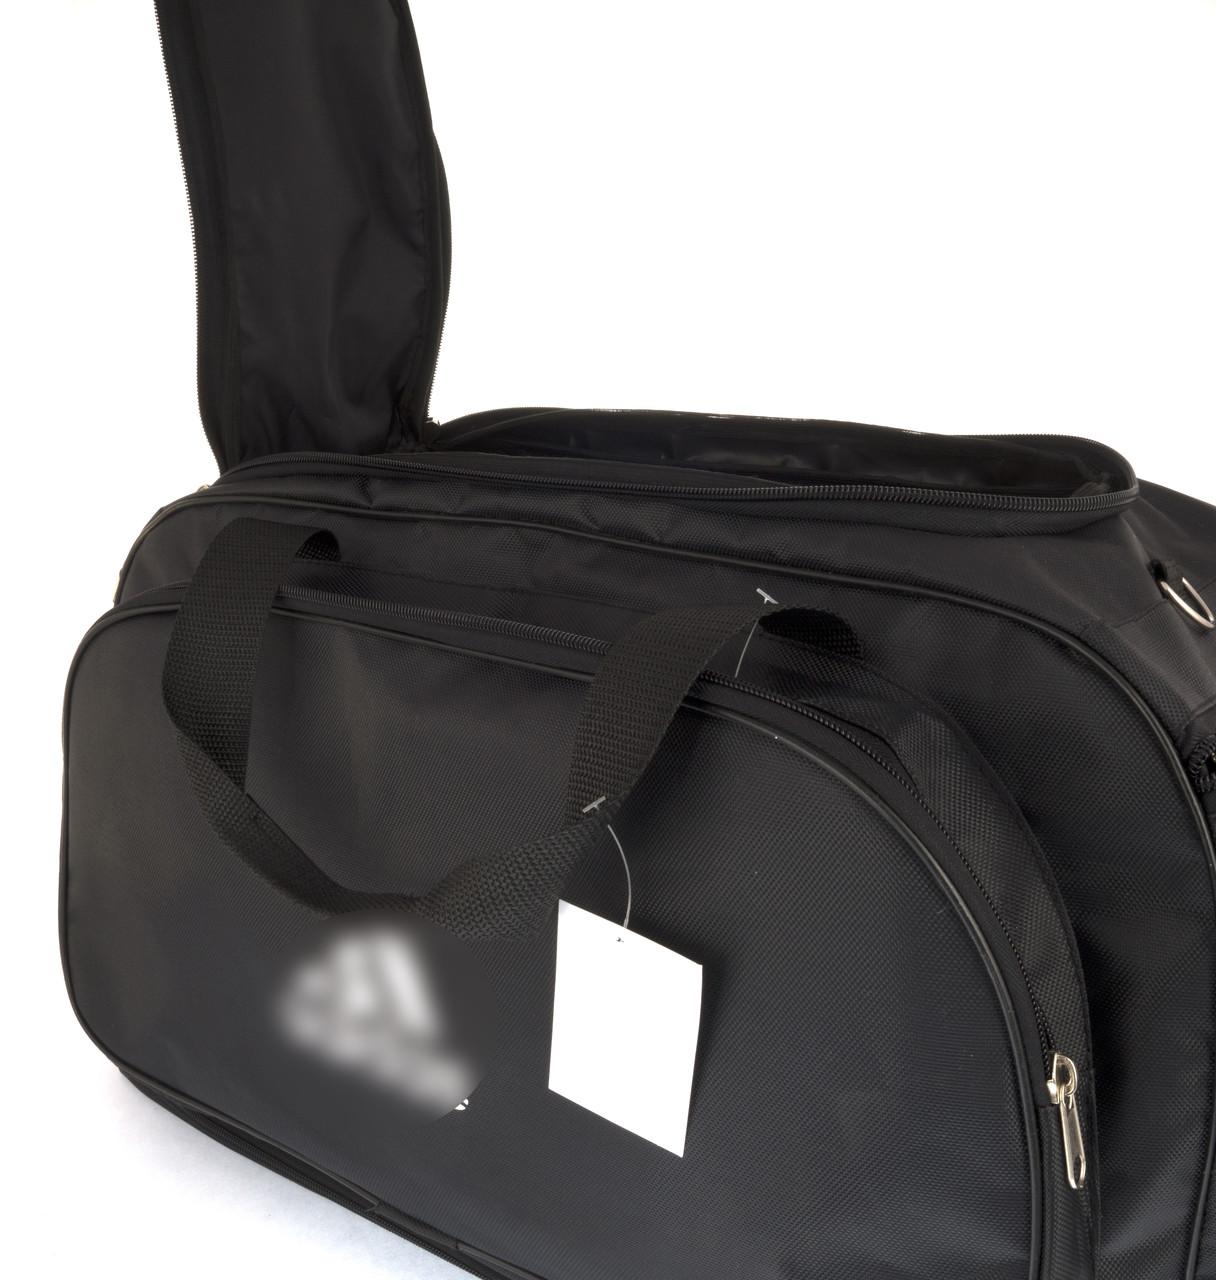 c9be38176487 ... Стильная прочная спортивная вместительная спортивная сумка с двойным  дном art. 57-3 Украина,